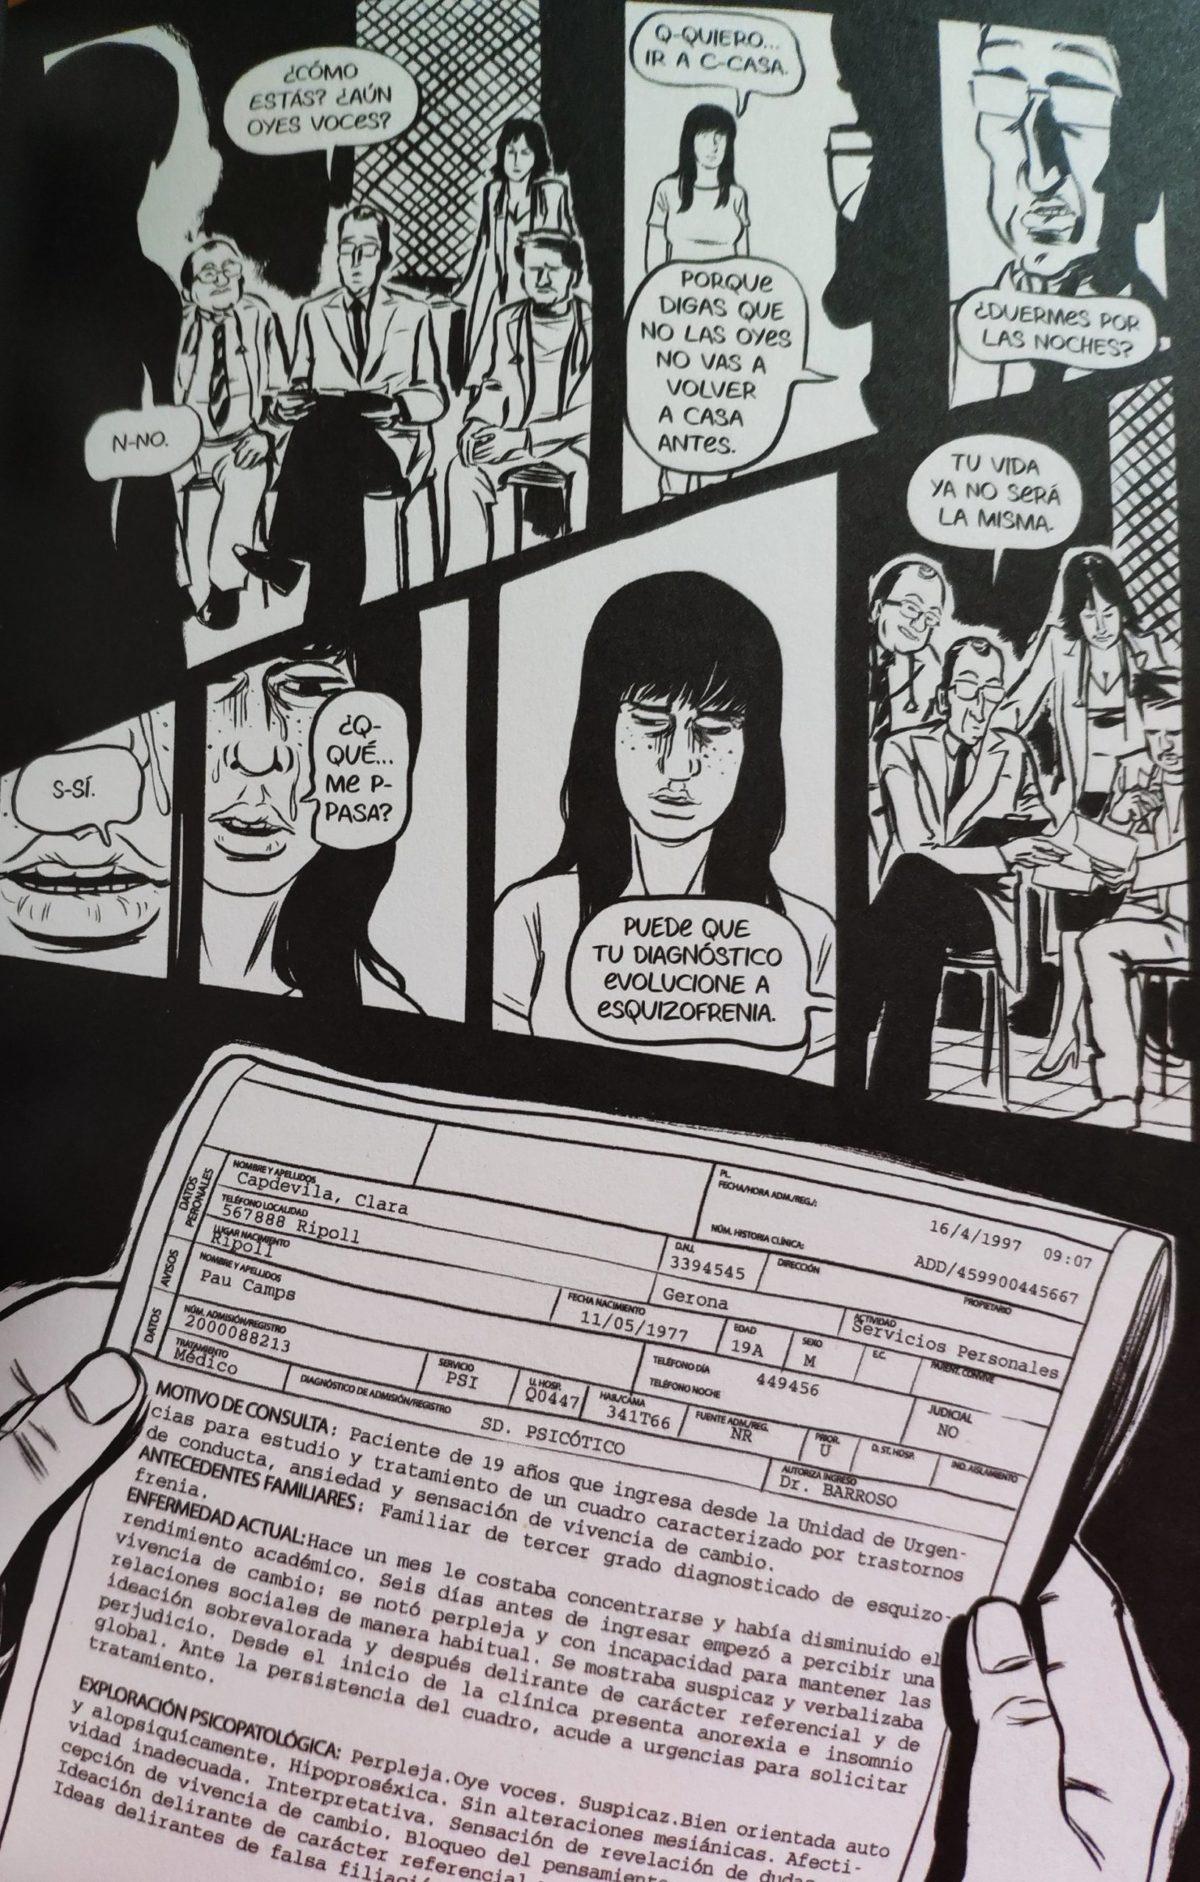 Mio caro fumetto... - Diagnosi e violenza psicologica durante il mese d'internamento